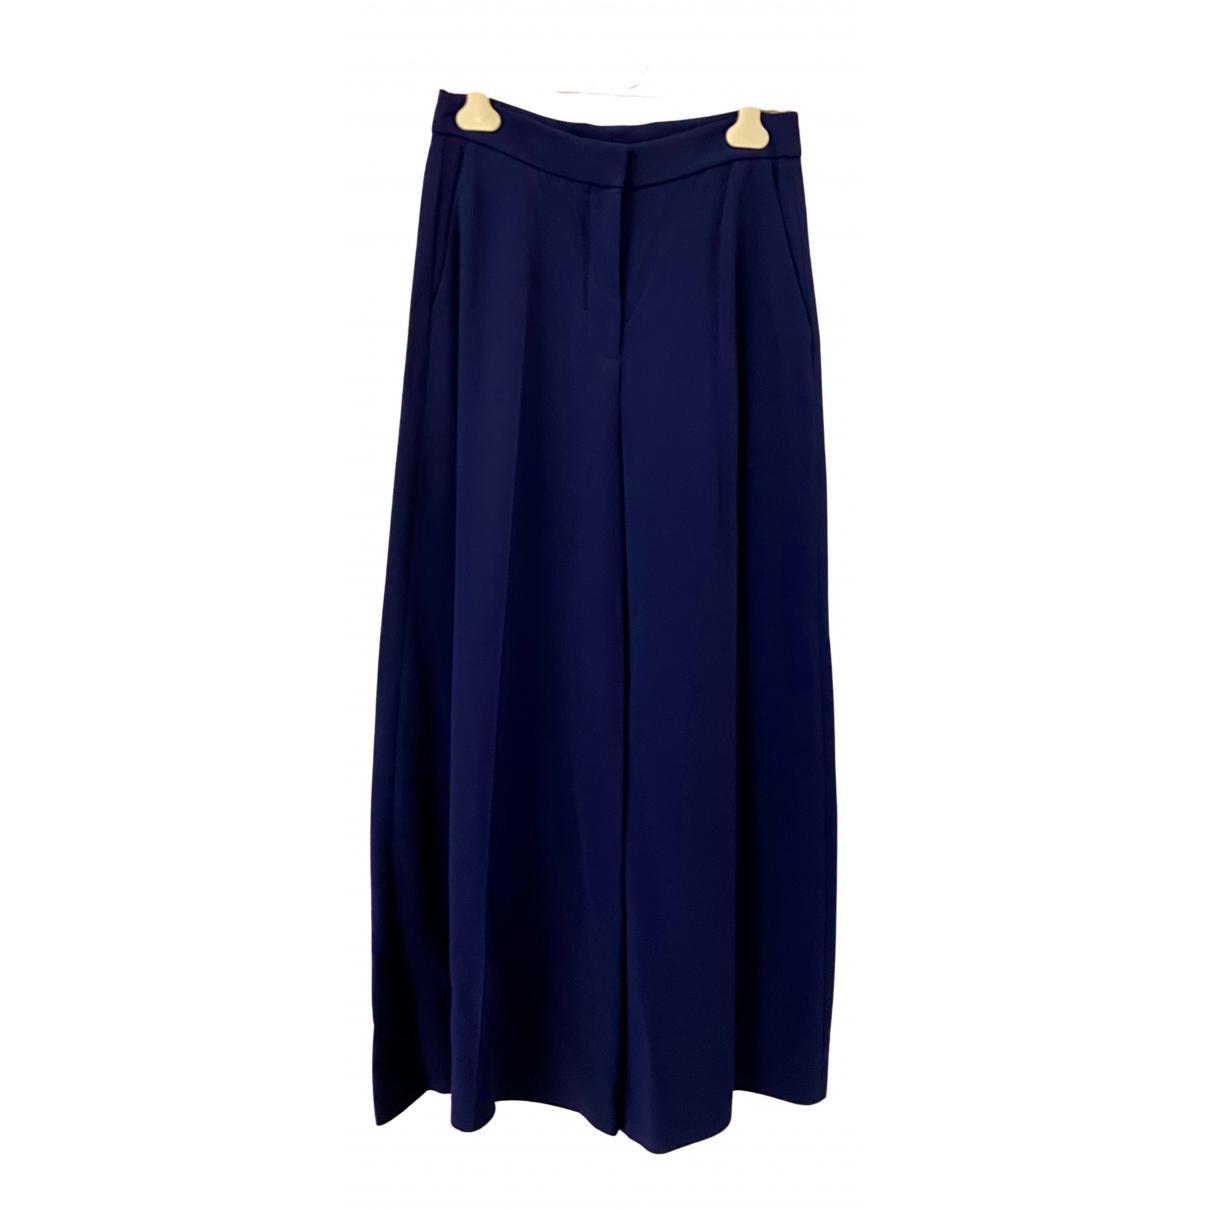 Stella Mccartney - Pantalon   pour femme - bleu